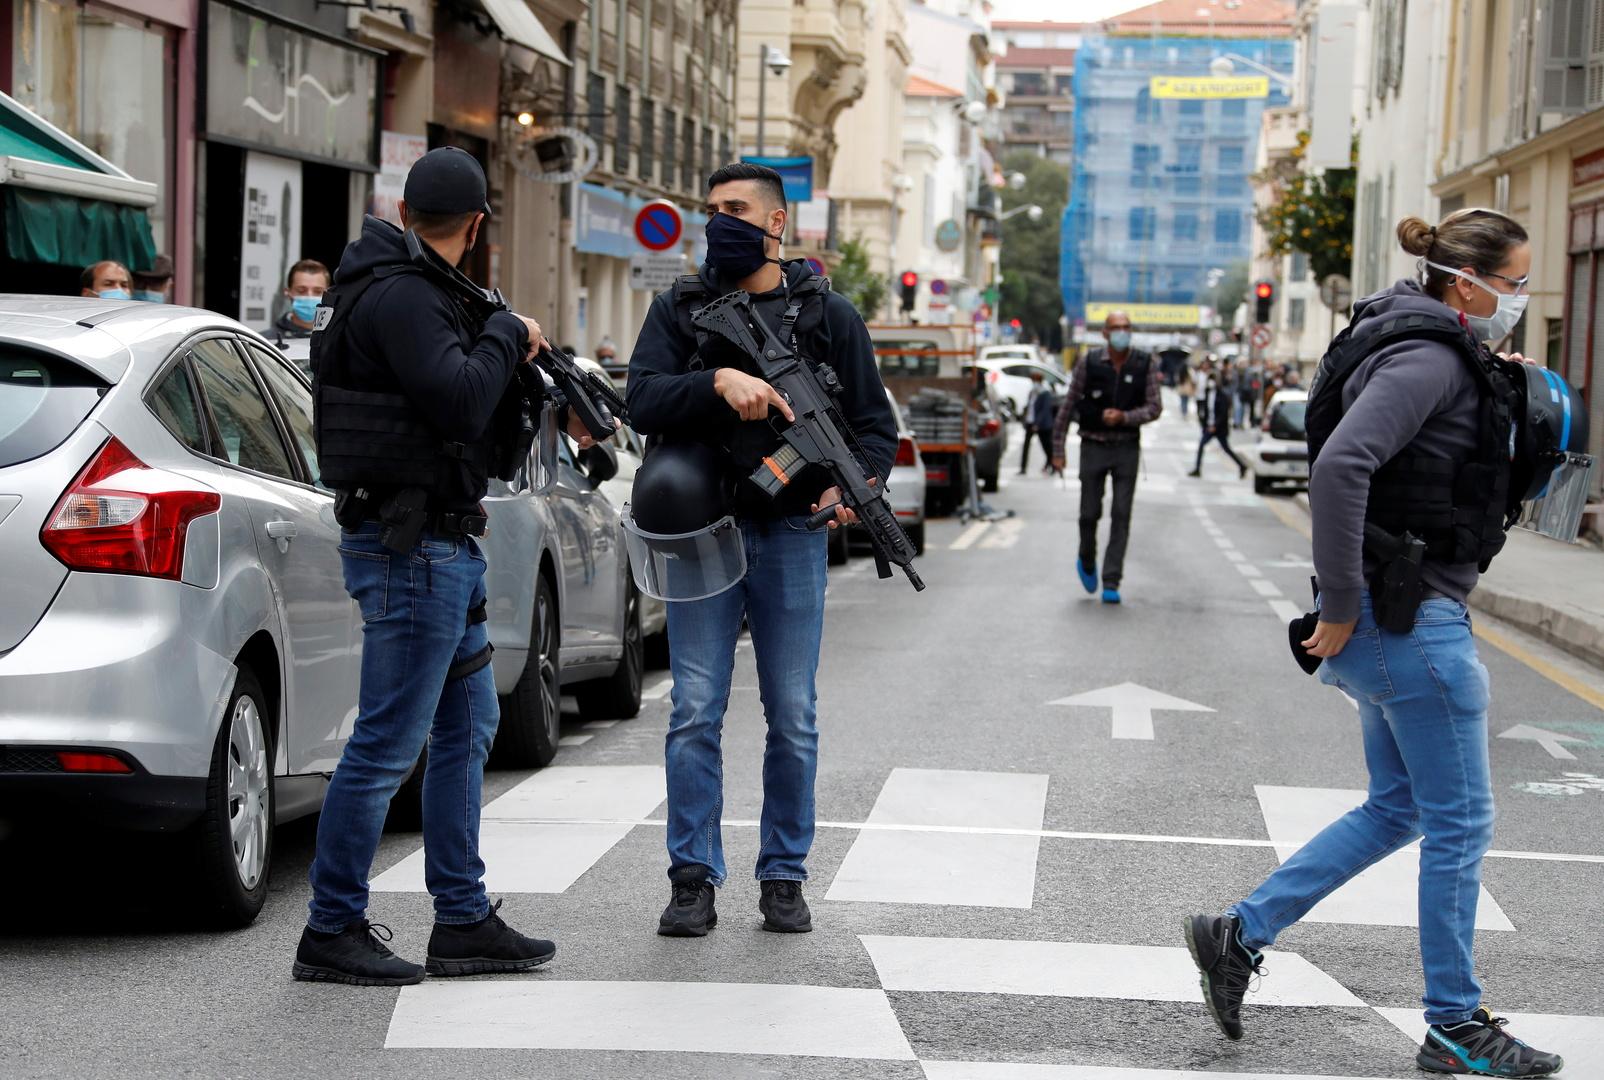 وسائل إعلام فرنسية: مهاجم نيس يدعى إبراهيم ويبلغ من العمر 25 عاما